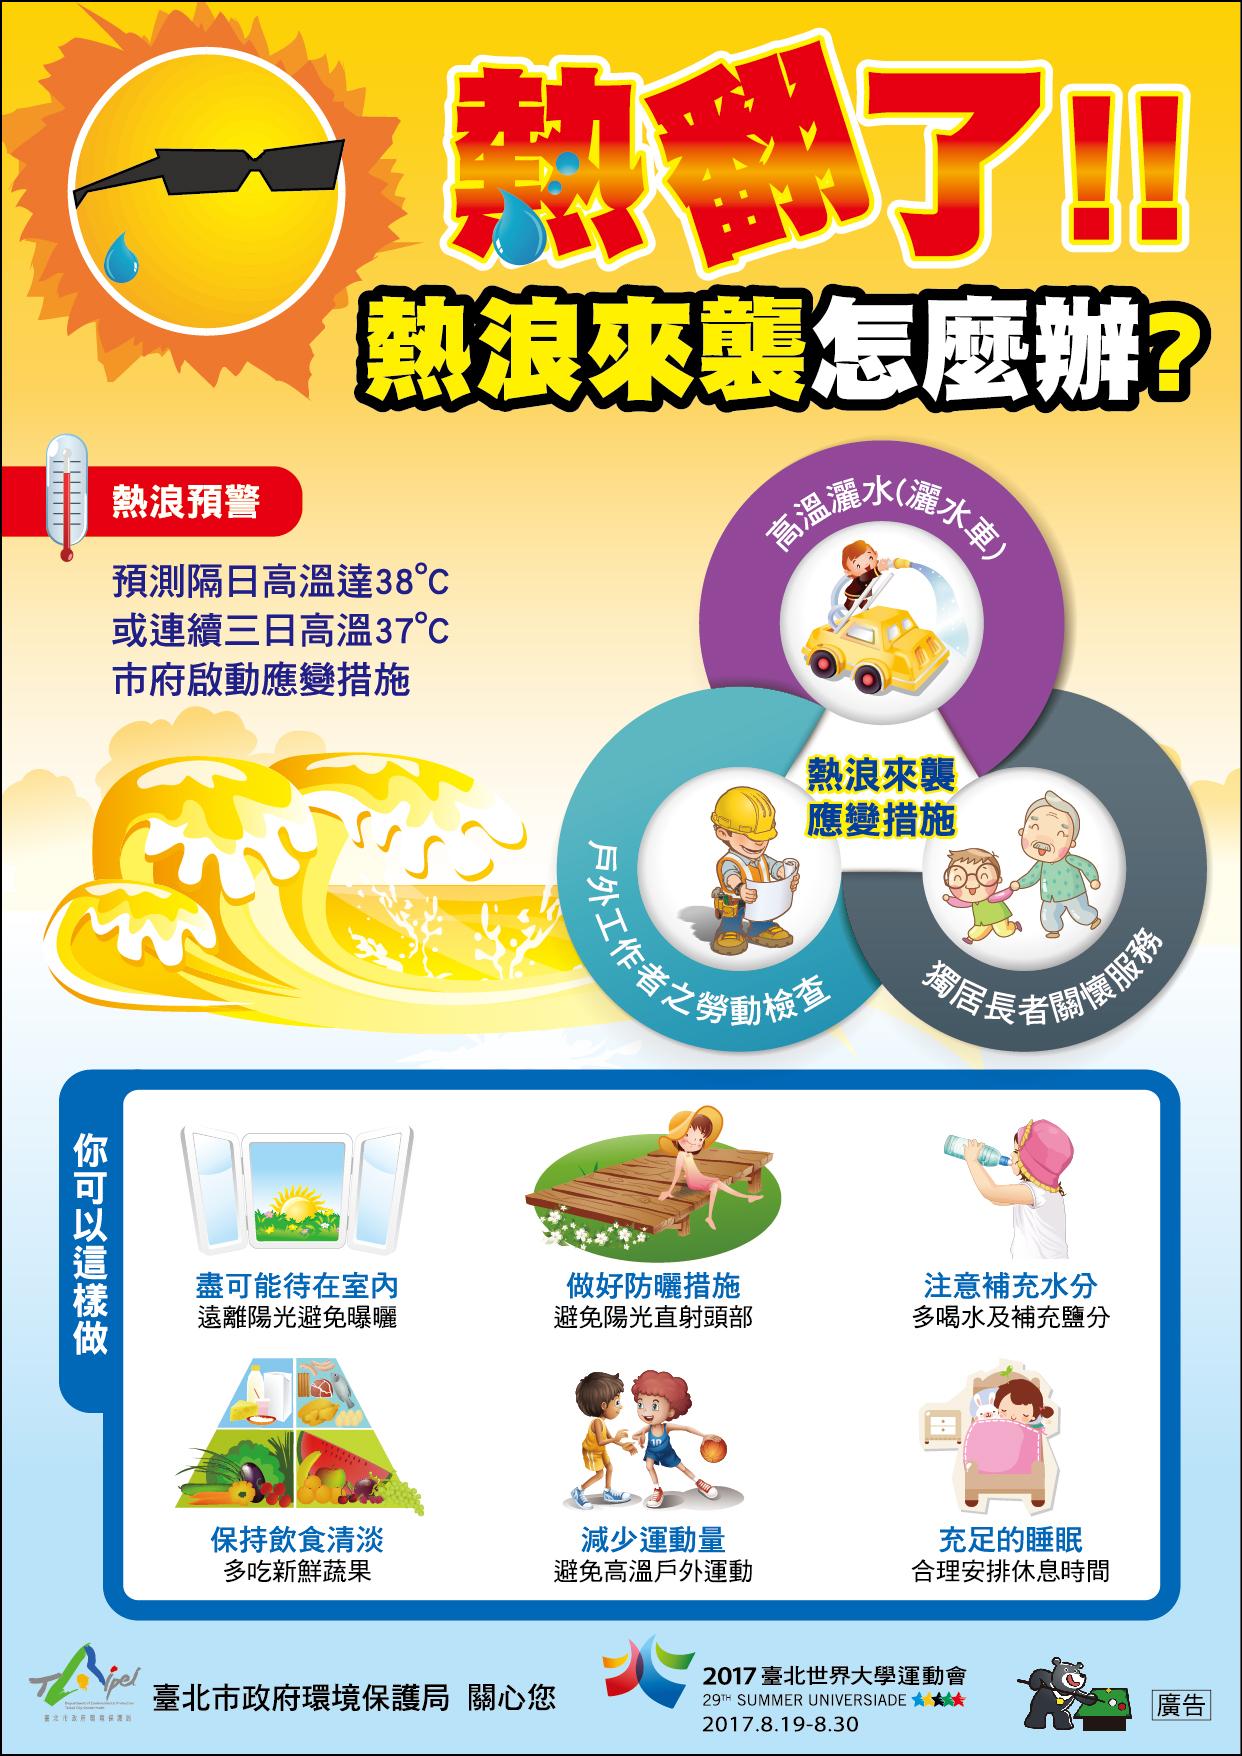 熱浪防護宣導海報